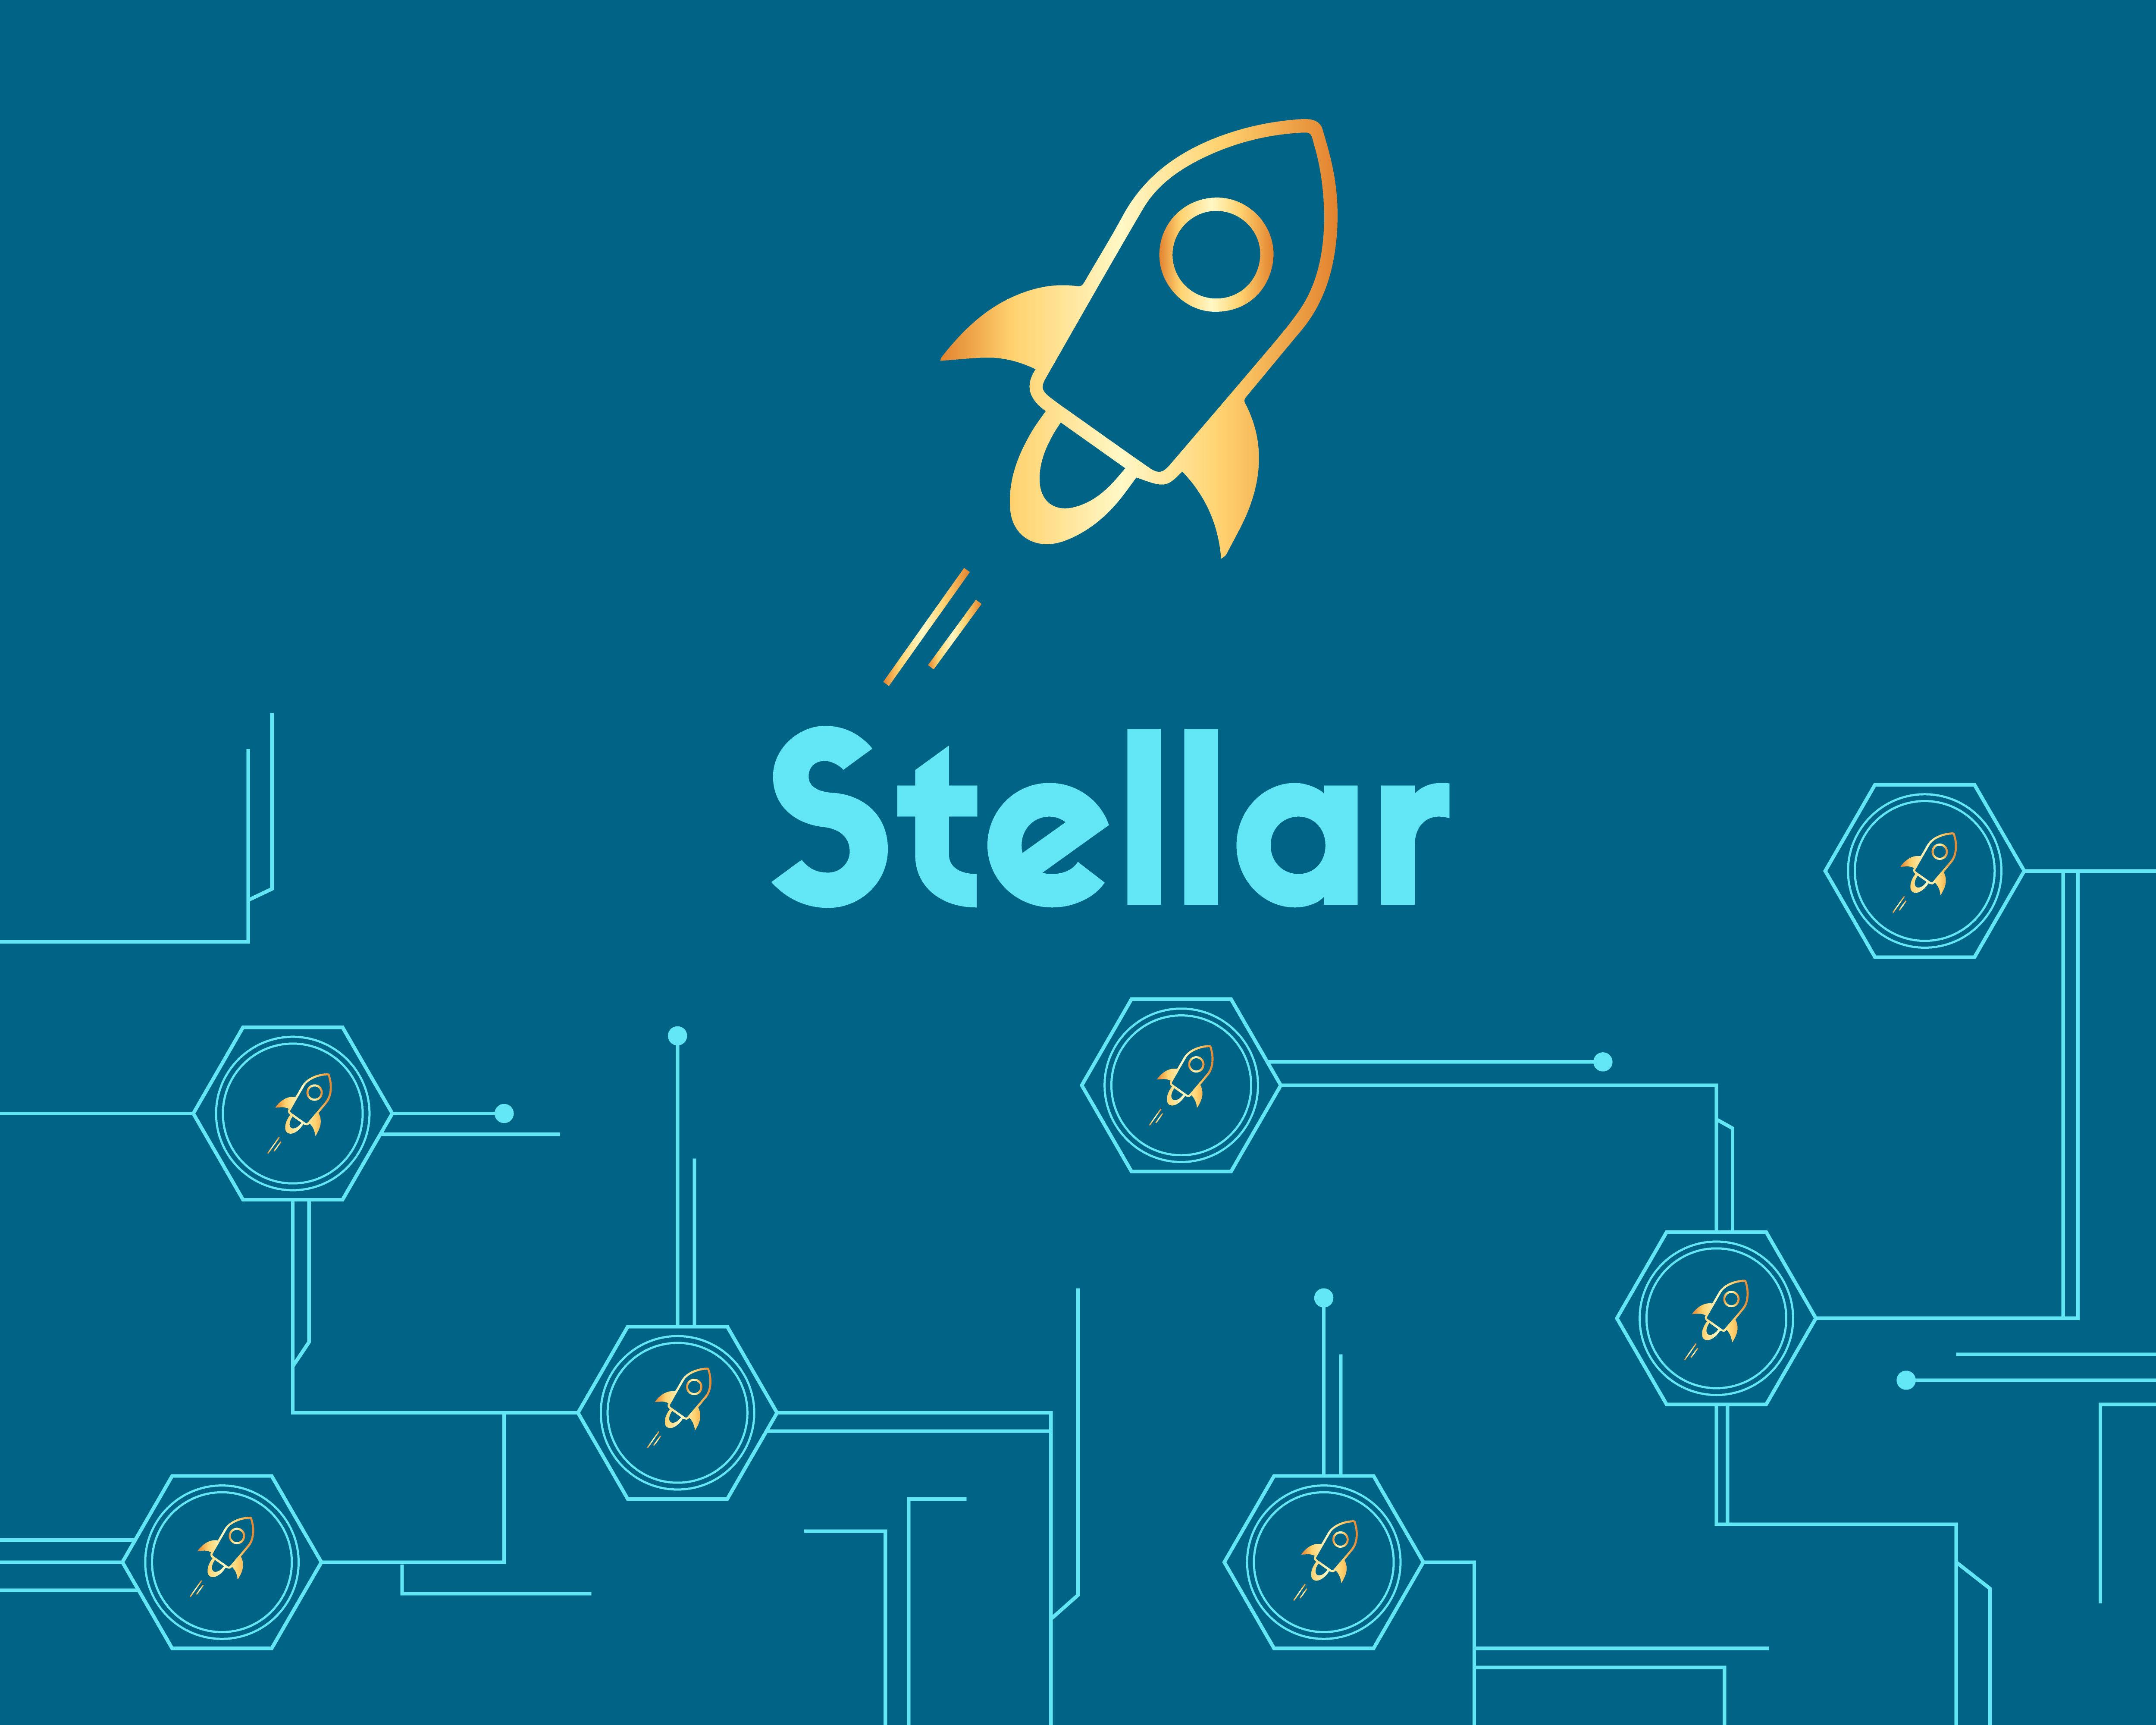 Pacchetto Stellar… analisi e opinione sul nuovo prodotto